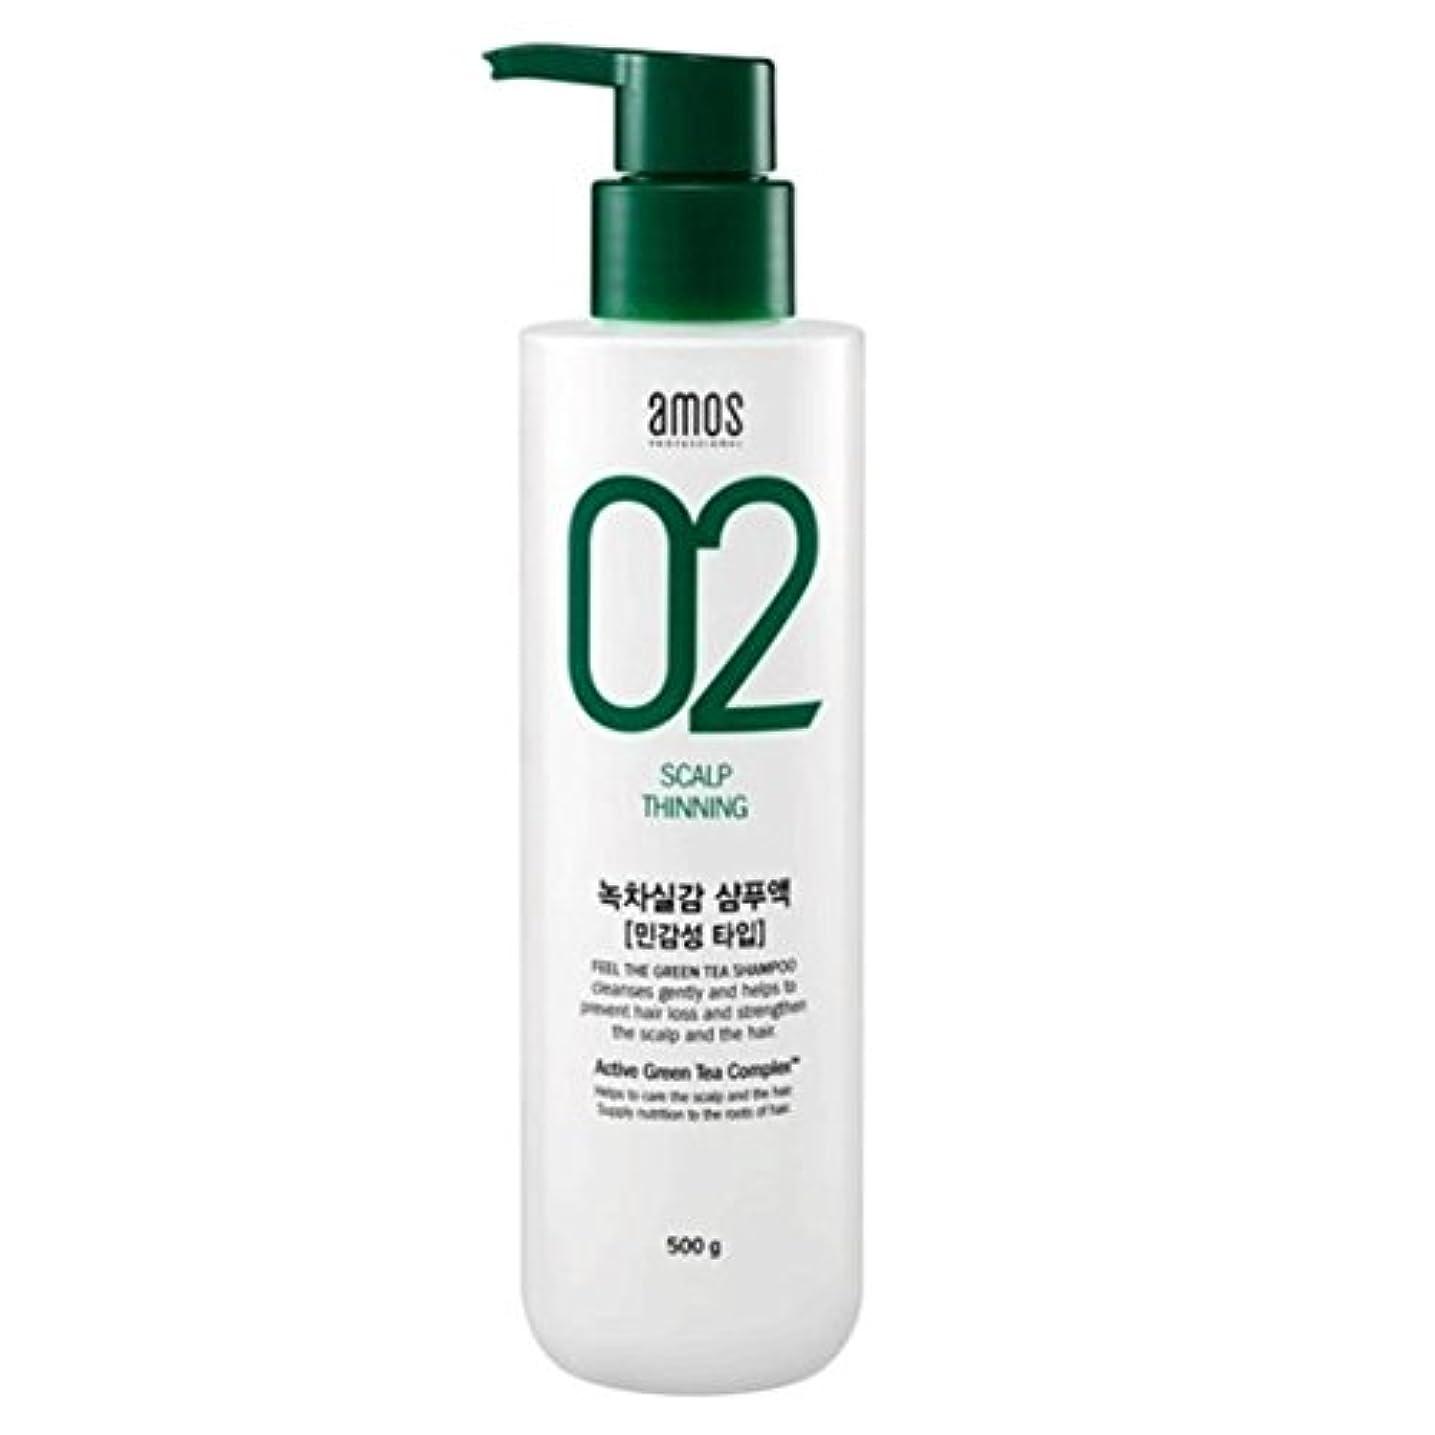 自動的に傑作分岐するAmos Green Tea 500g Shampoo 韓国アモス緑茶シャンプー液500g、様々なタイプのシャンプー [並行輸入品] (Sensitive)